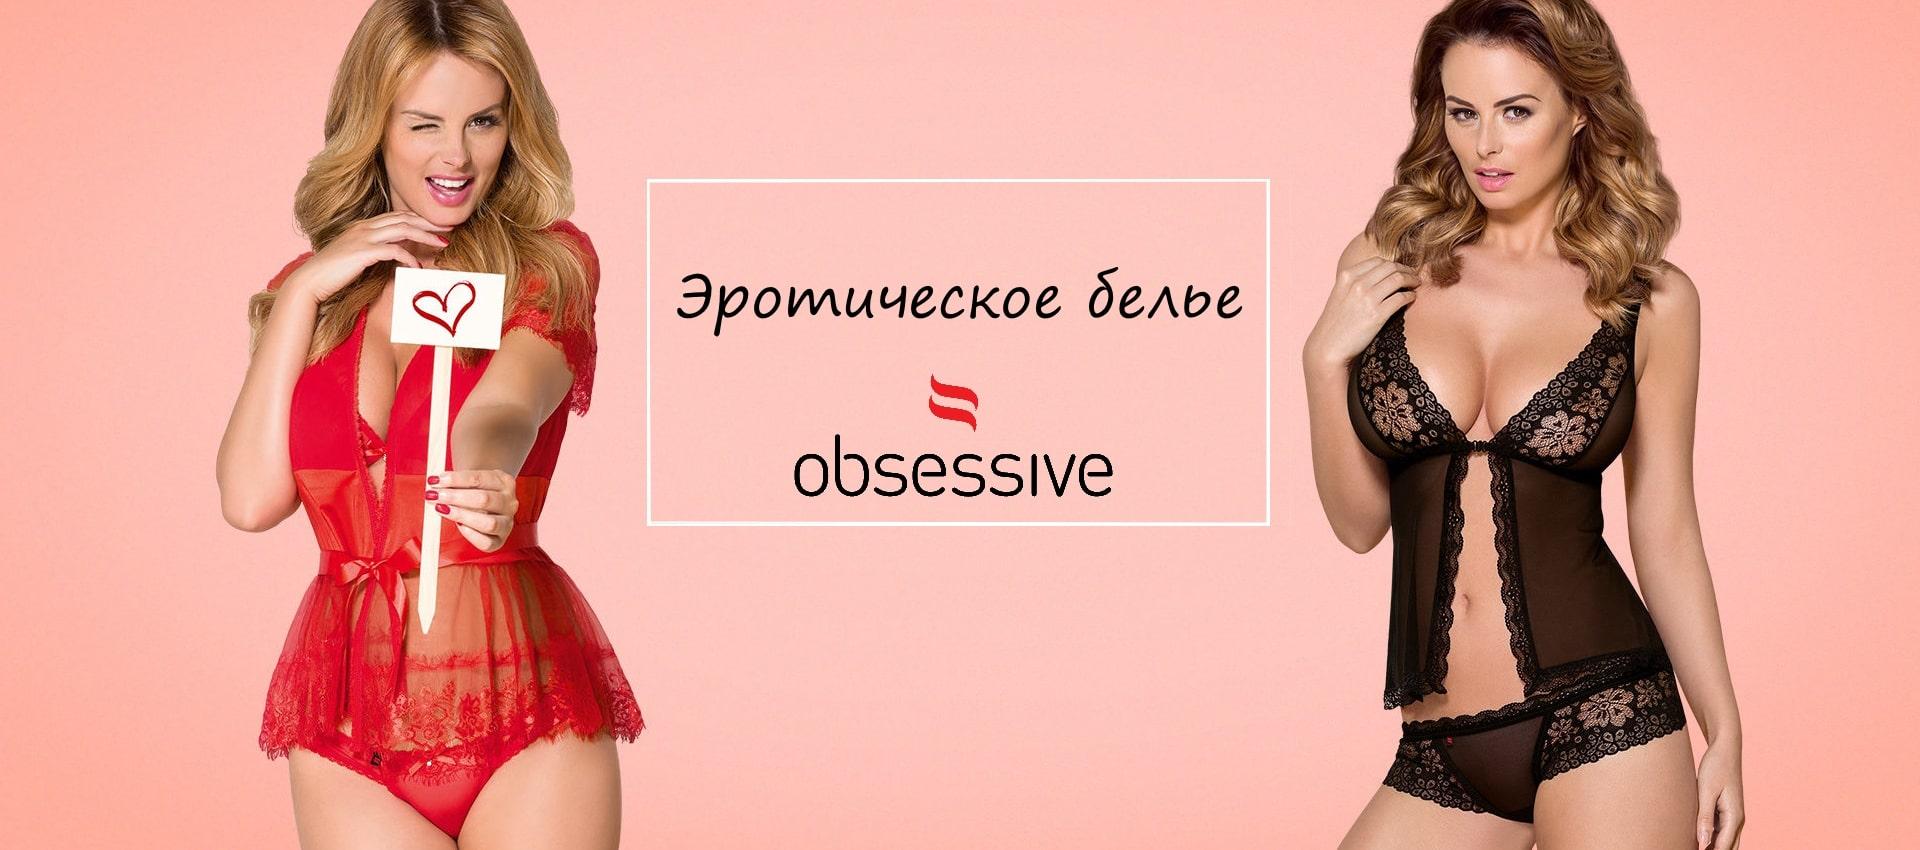 Obsessive-2019